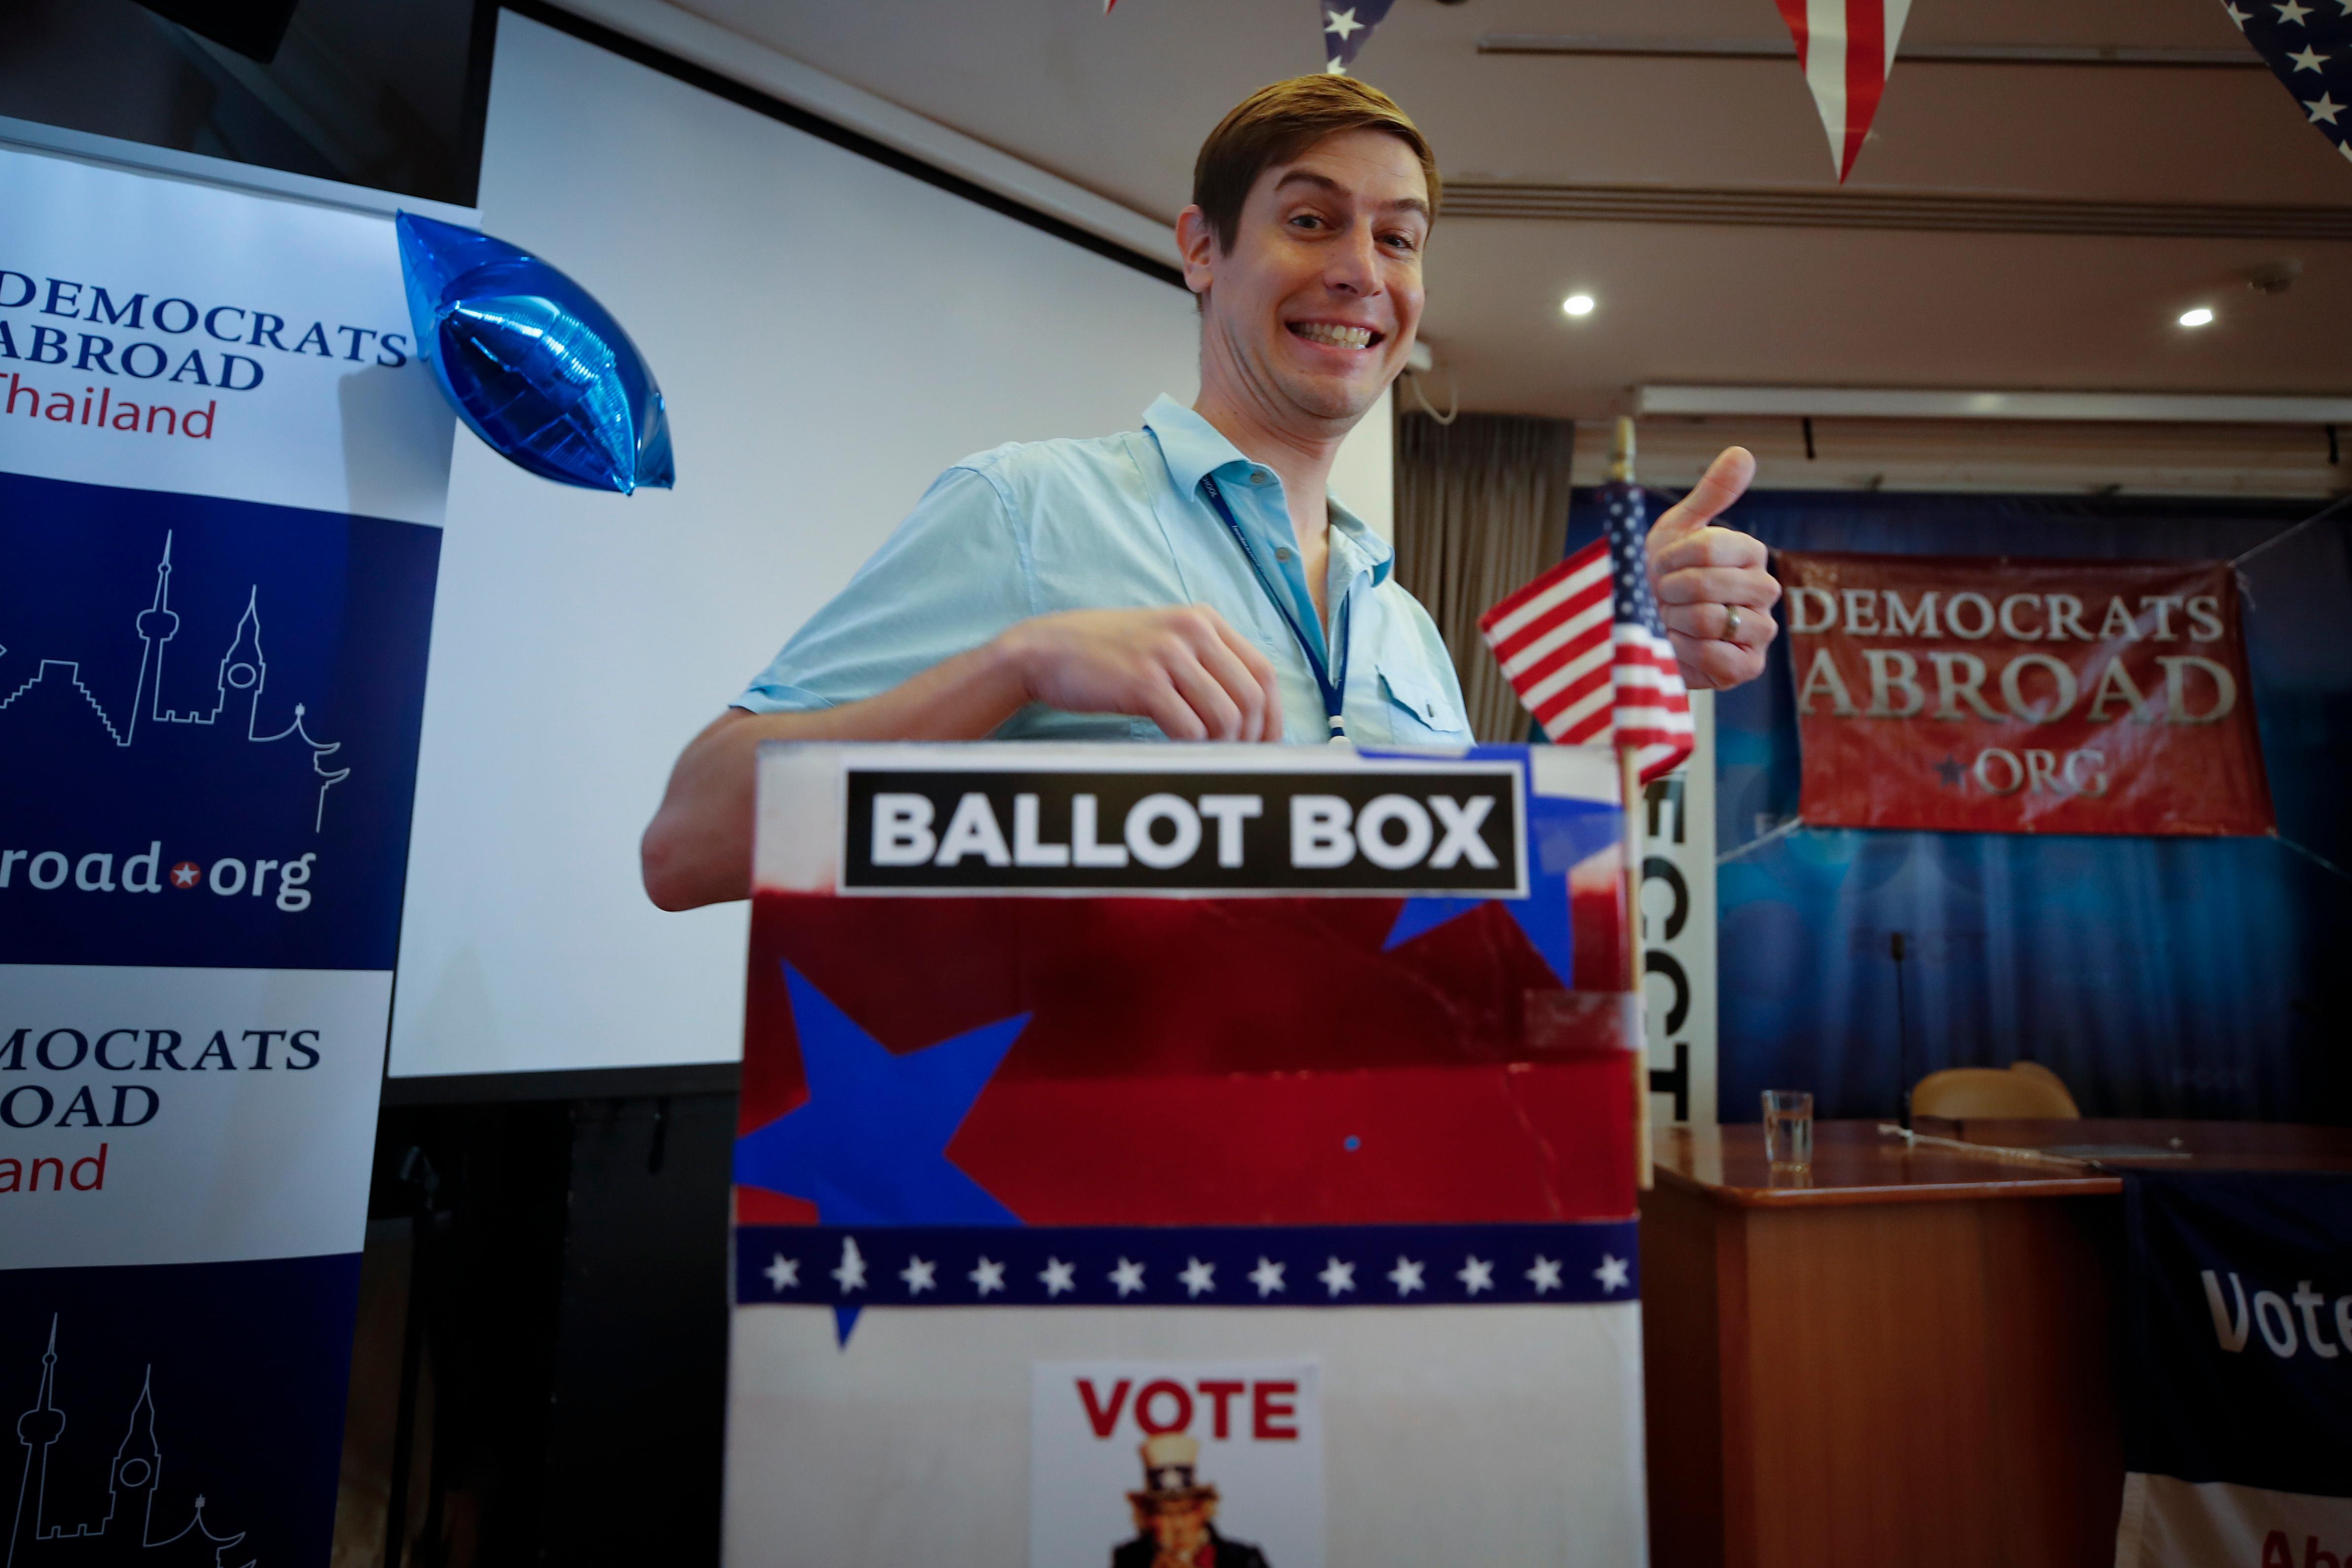 США назначили награду в $10 млн за информацию о вмешательстве в выборы